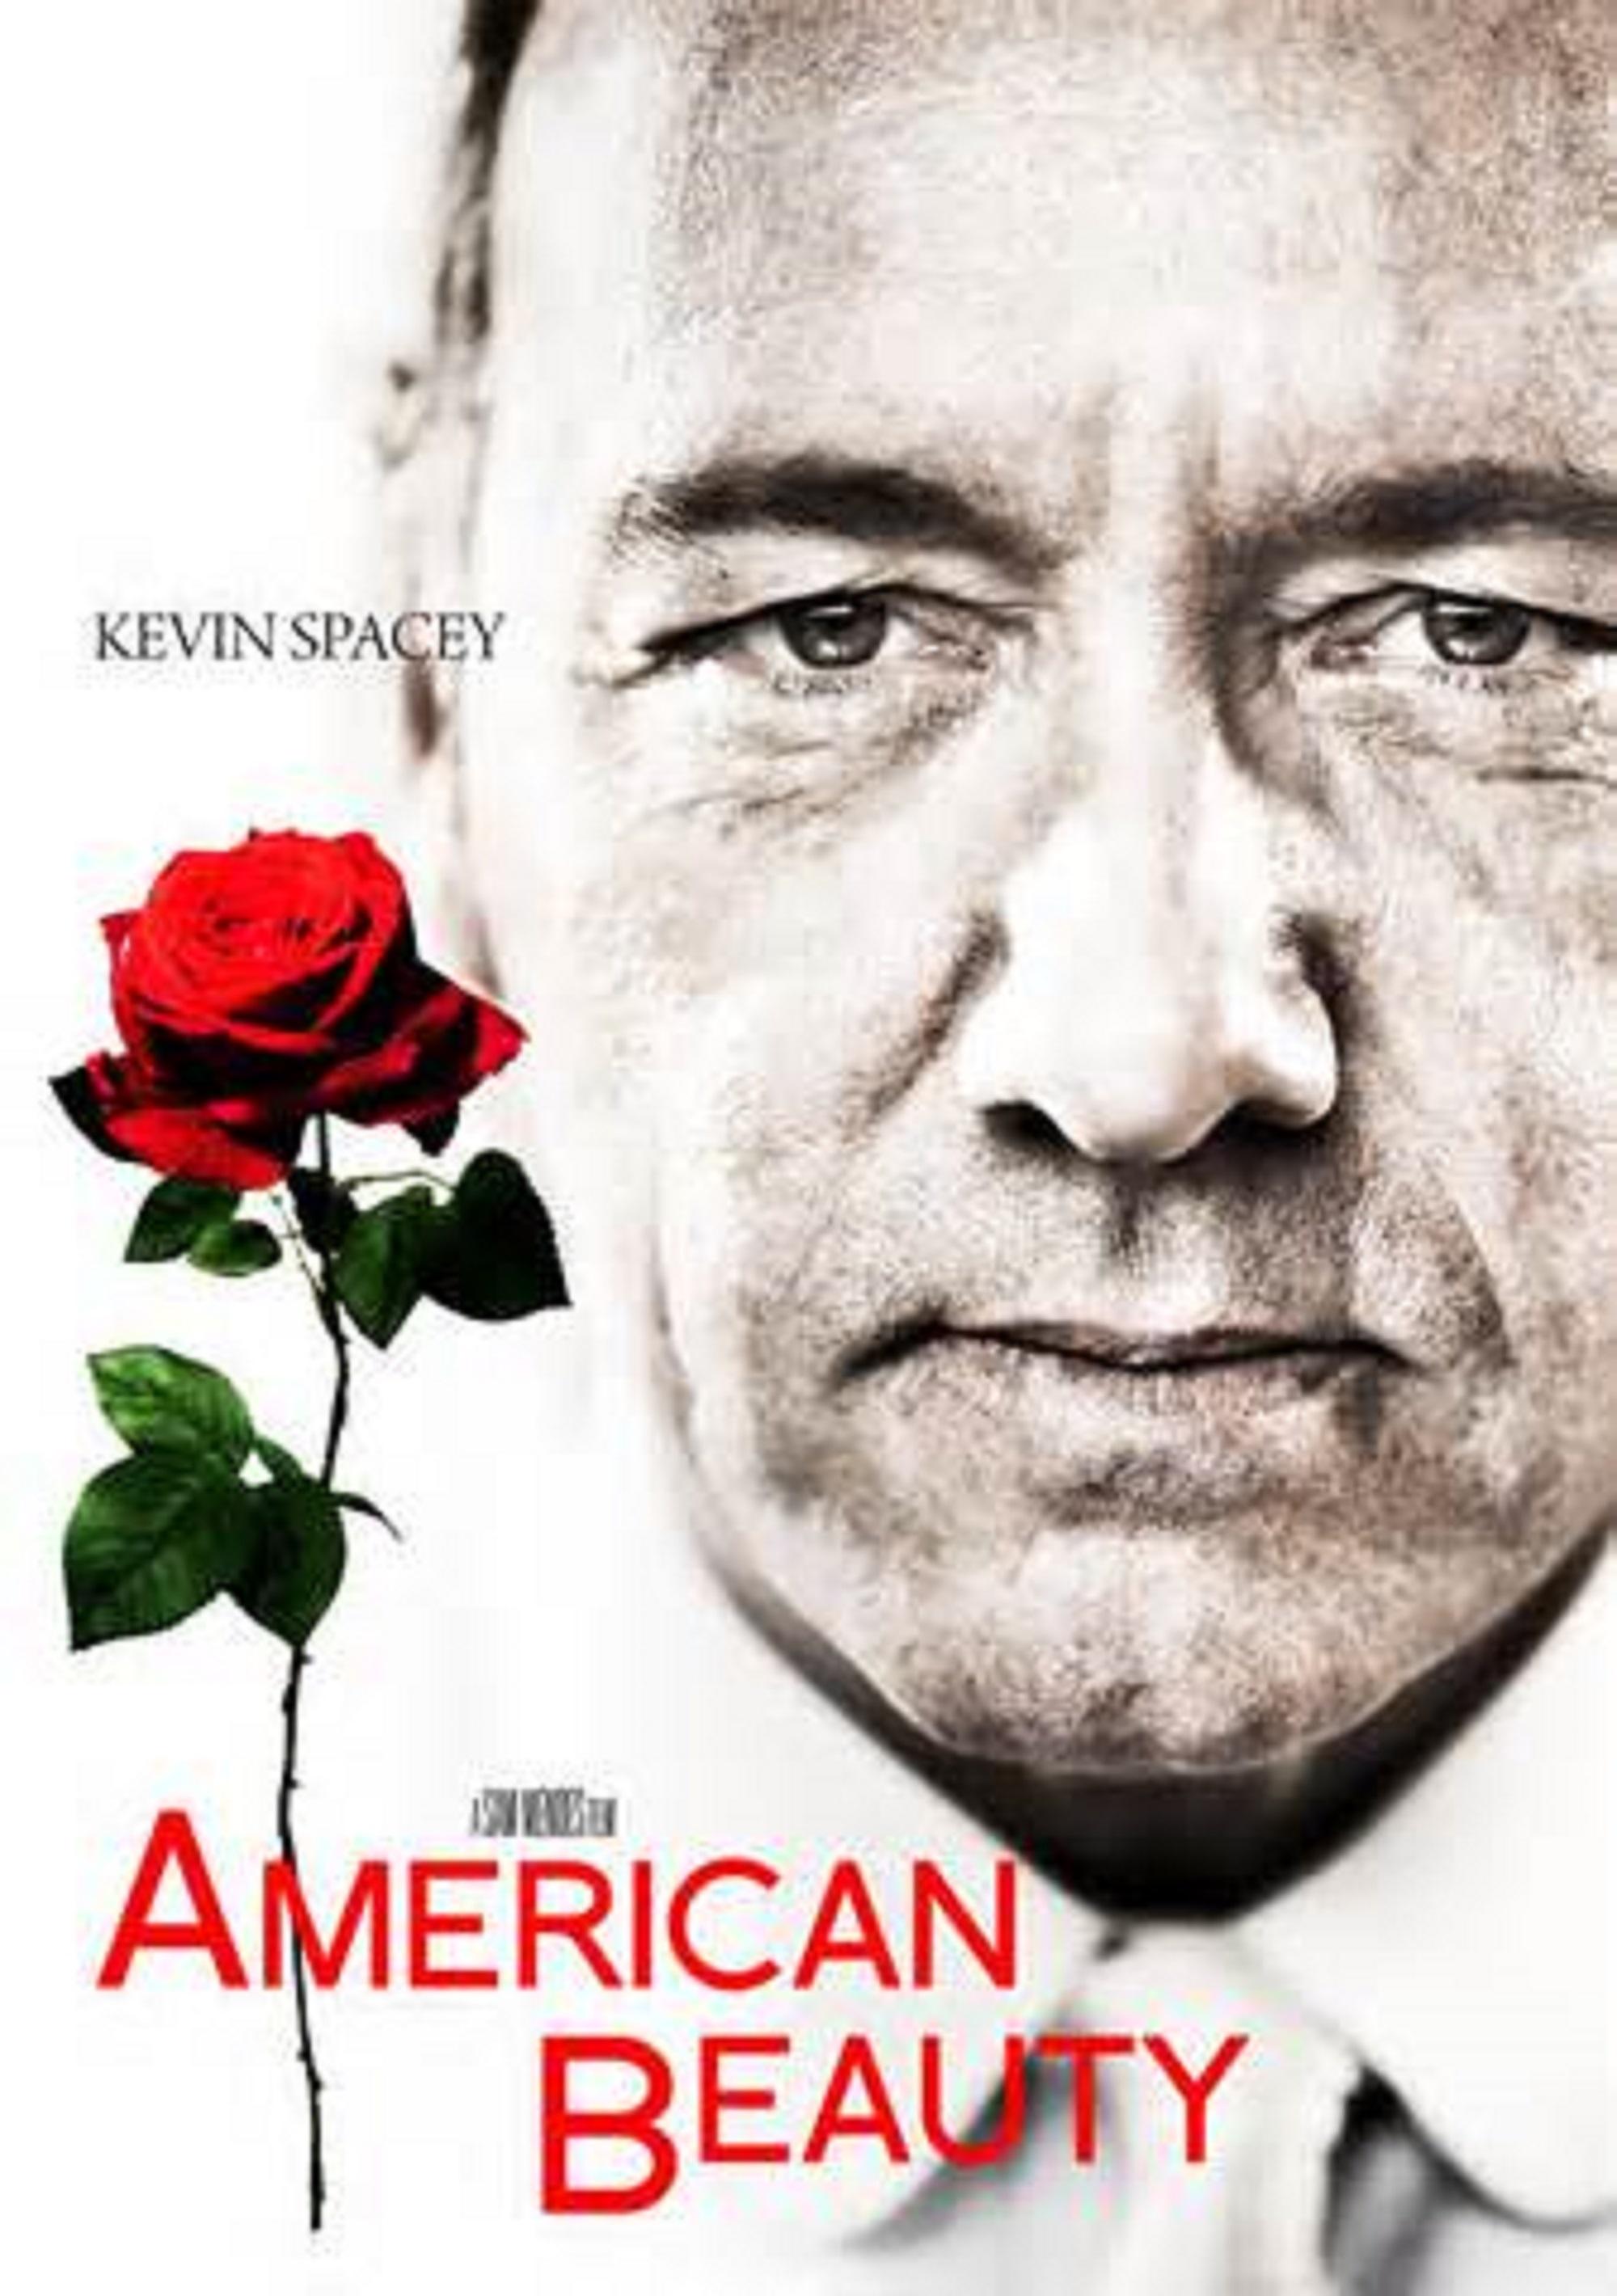 تحلیل روانشناختی فیلم زیبایی آمریکایی (1999)